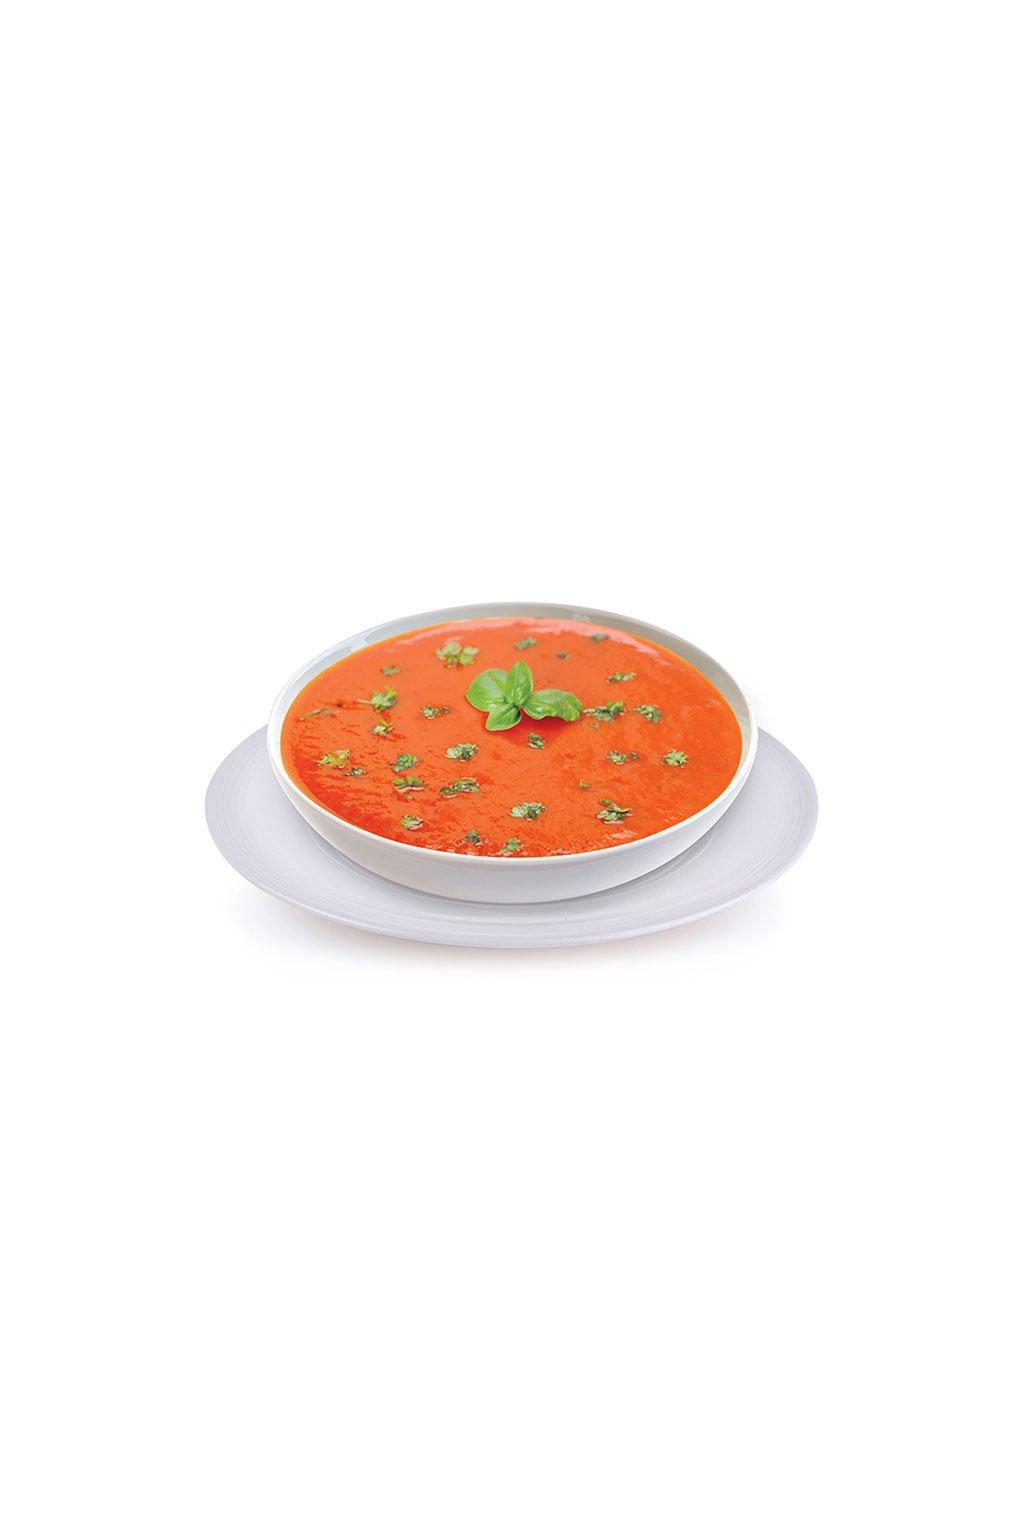 Paradajková proteínová polievka, 40g (1porcia)